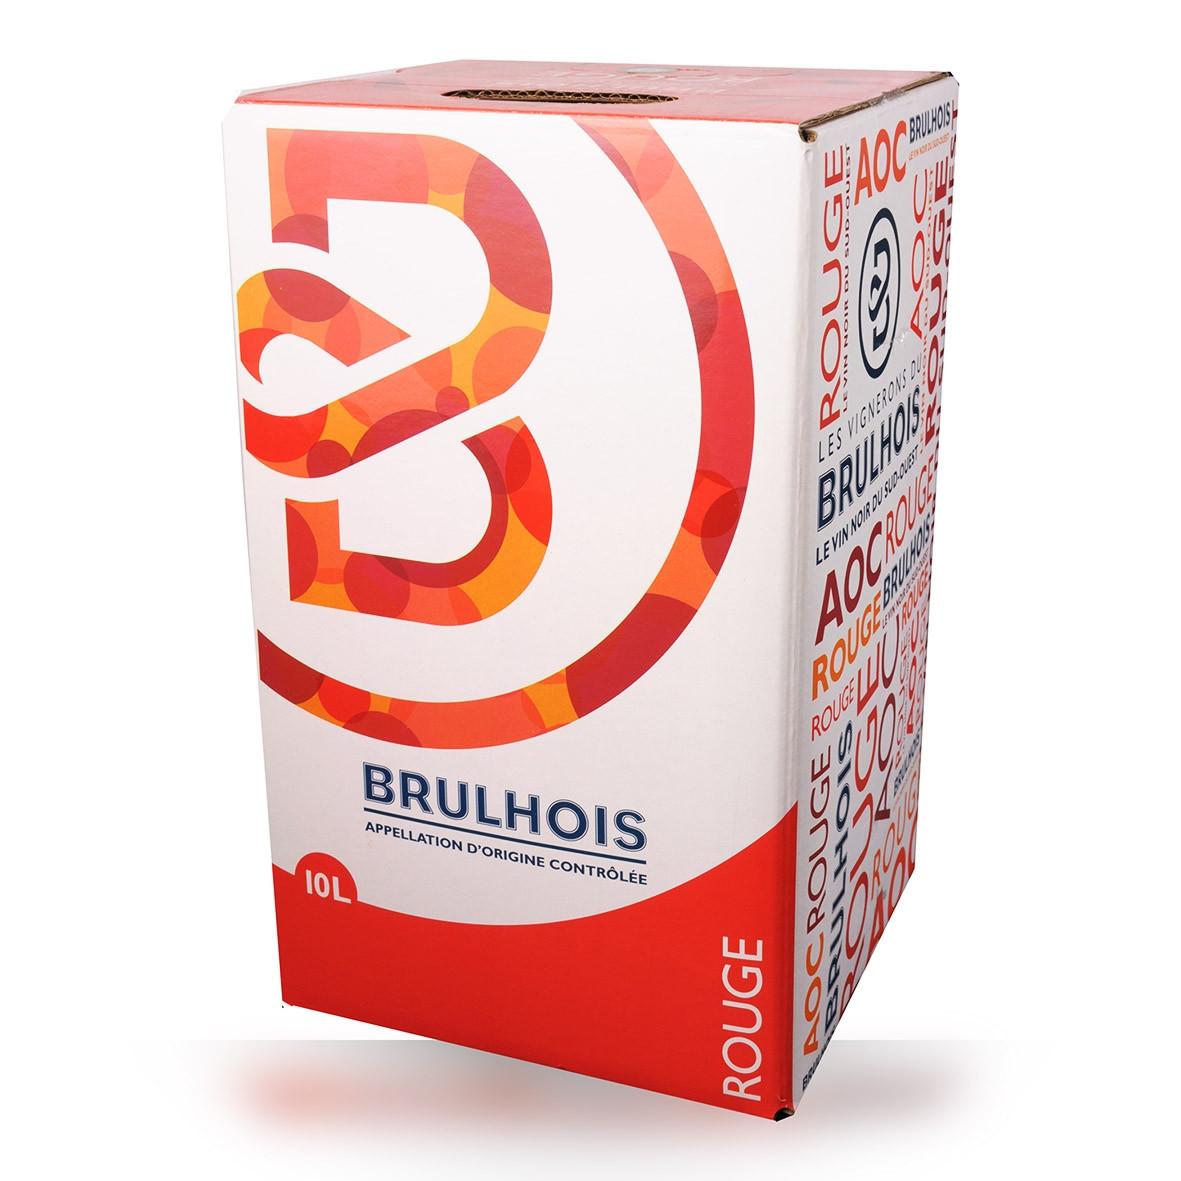 Bag-in-Box 10L Les Vignerons du Brulhois Brulhois Rouge www.odyssee-vins.com